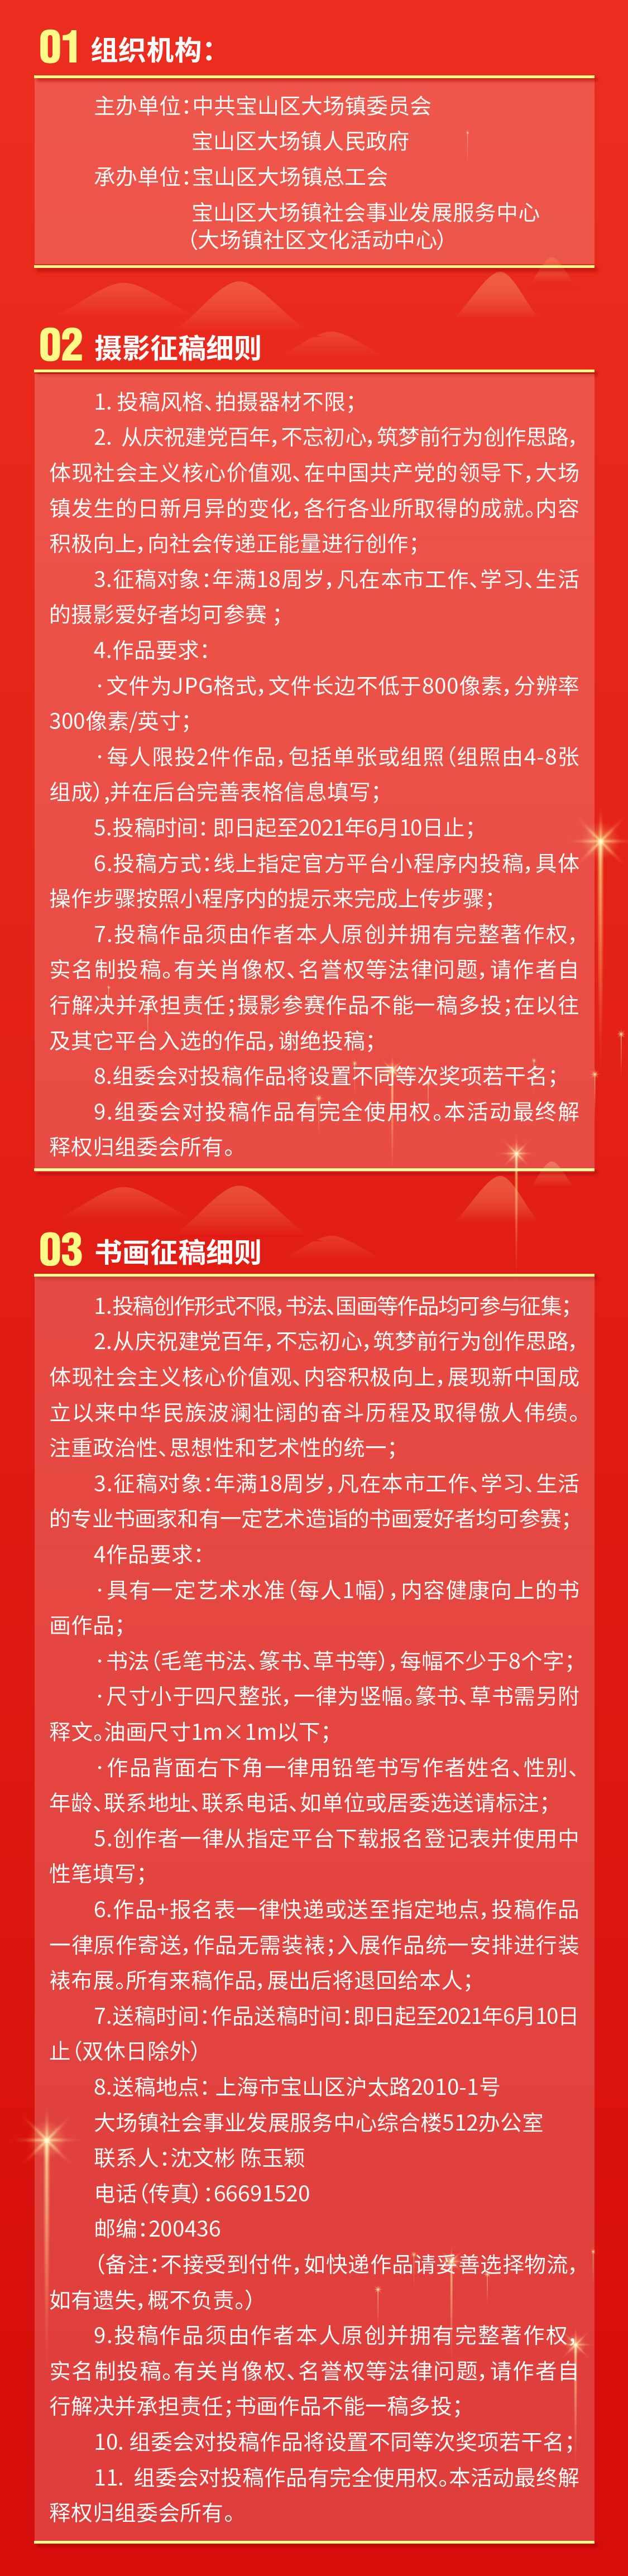 """大场镇庆祝""""建党百年""""红色系列主题活动启动,欢迎踊跃投稿!"""